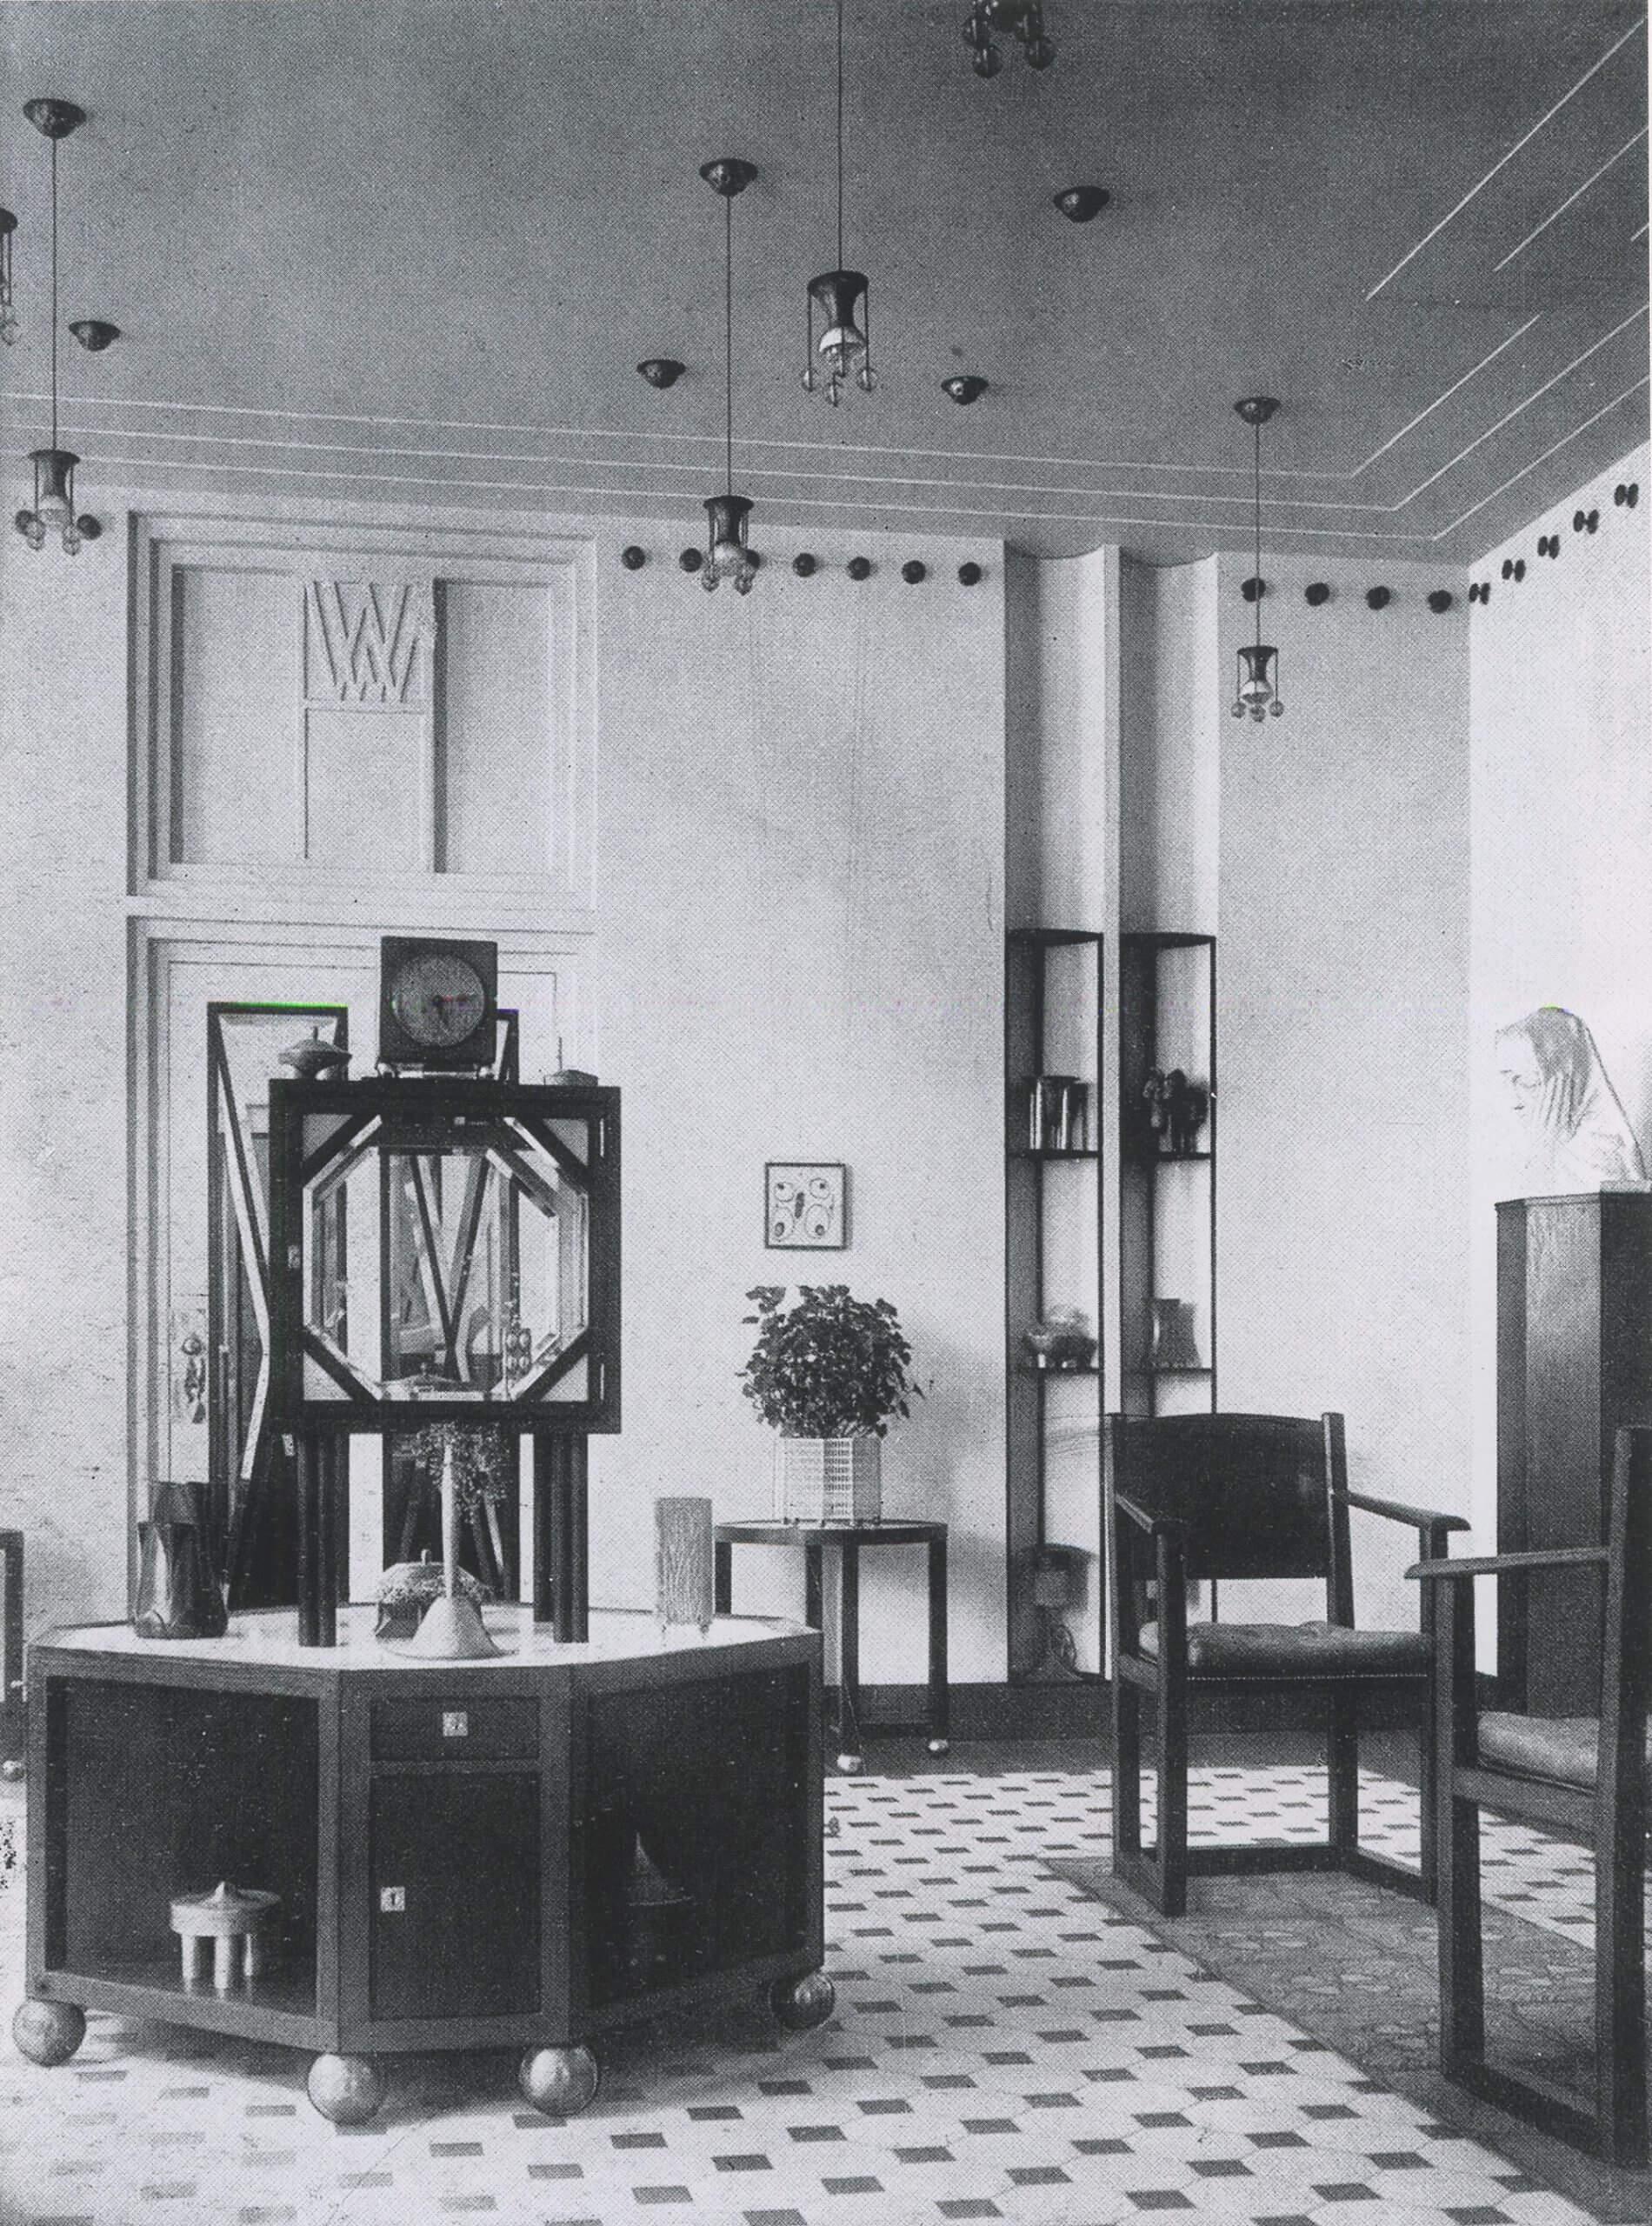 Neustiftgasse, Vienna, 1904